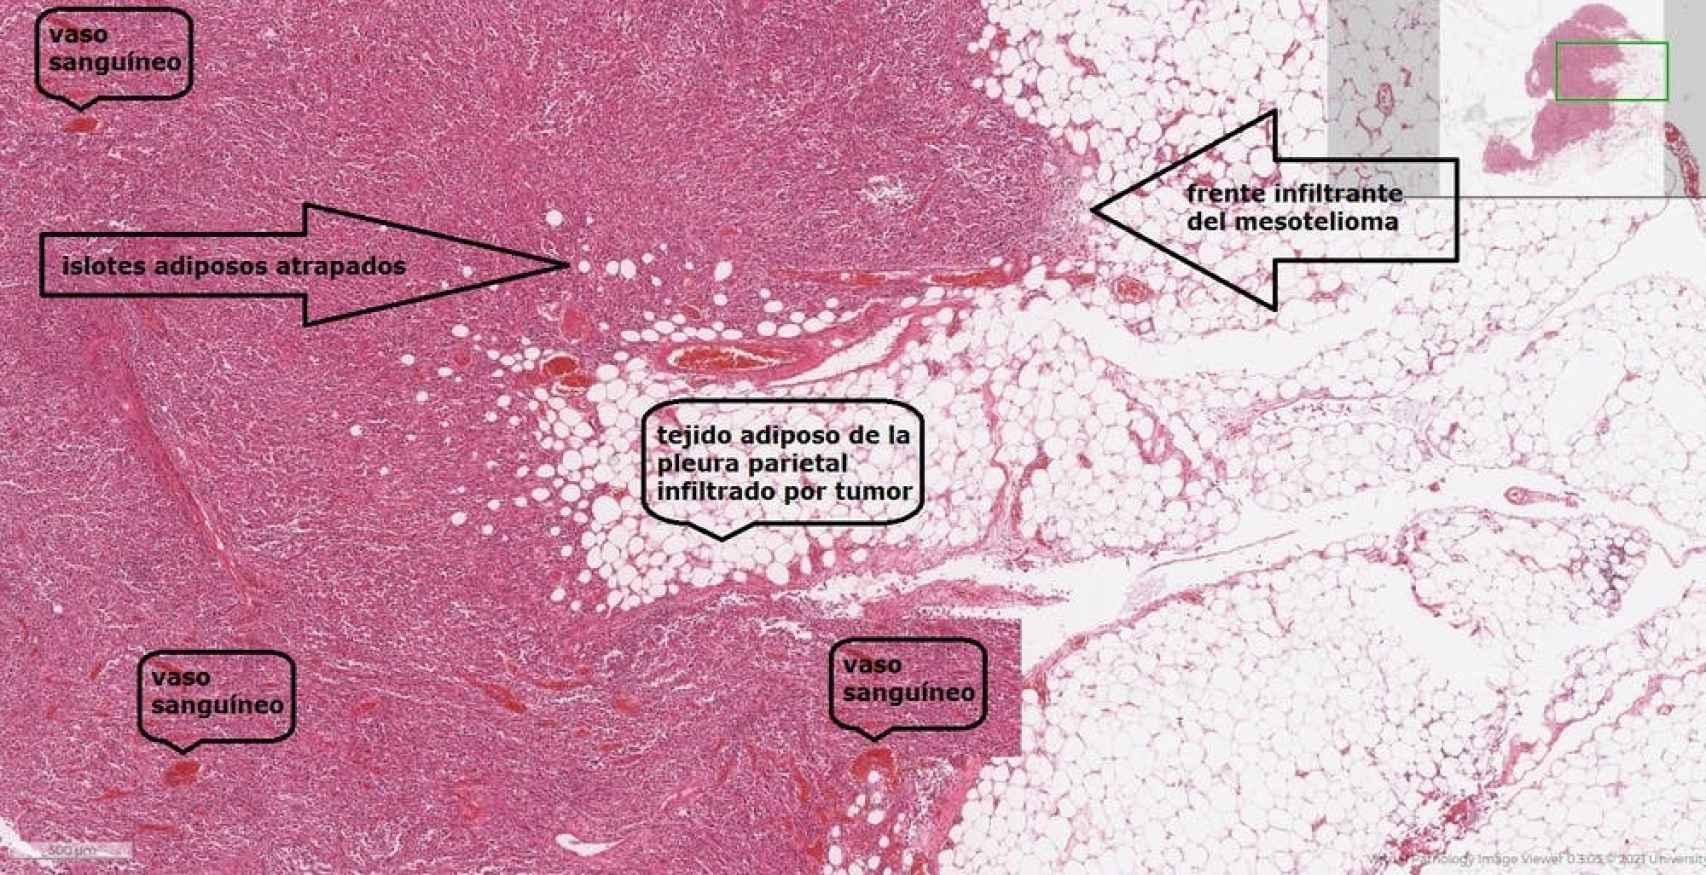 Imagen histológica a medianos aumentos de un mesotelioma con elevado grado de anaplasia procedente del microscopio virtual de la Universidad de Leeds